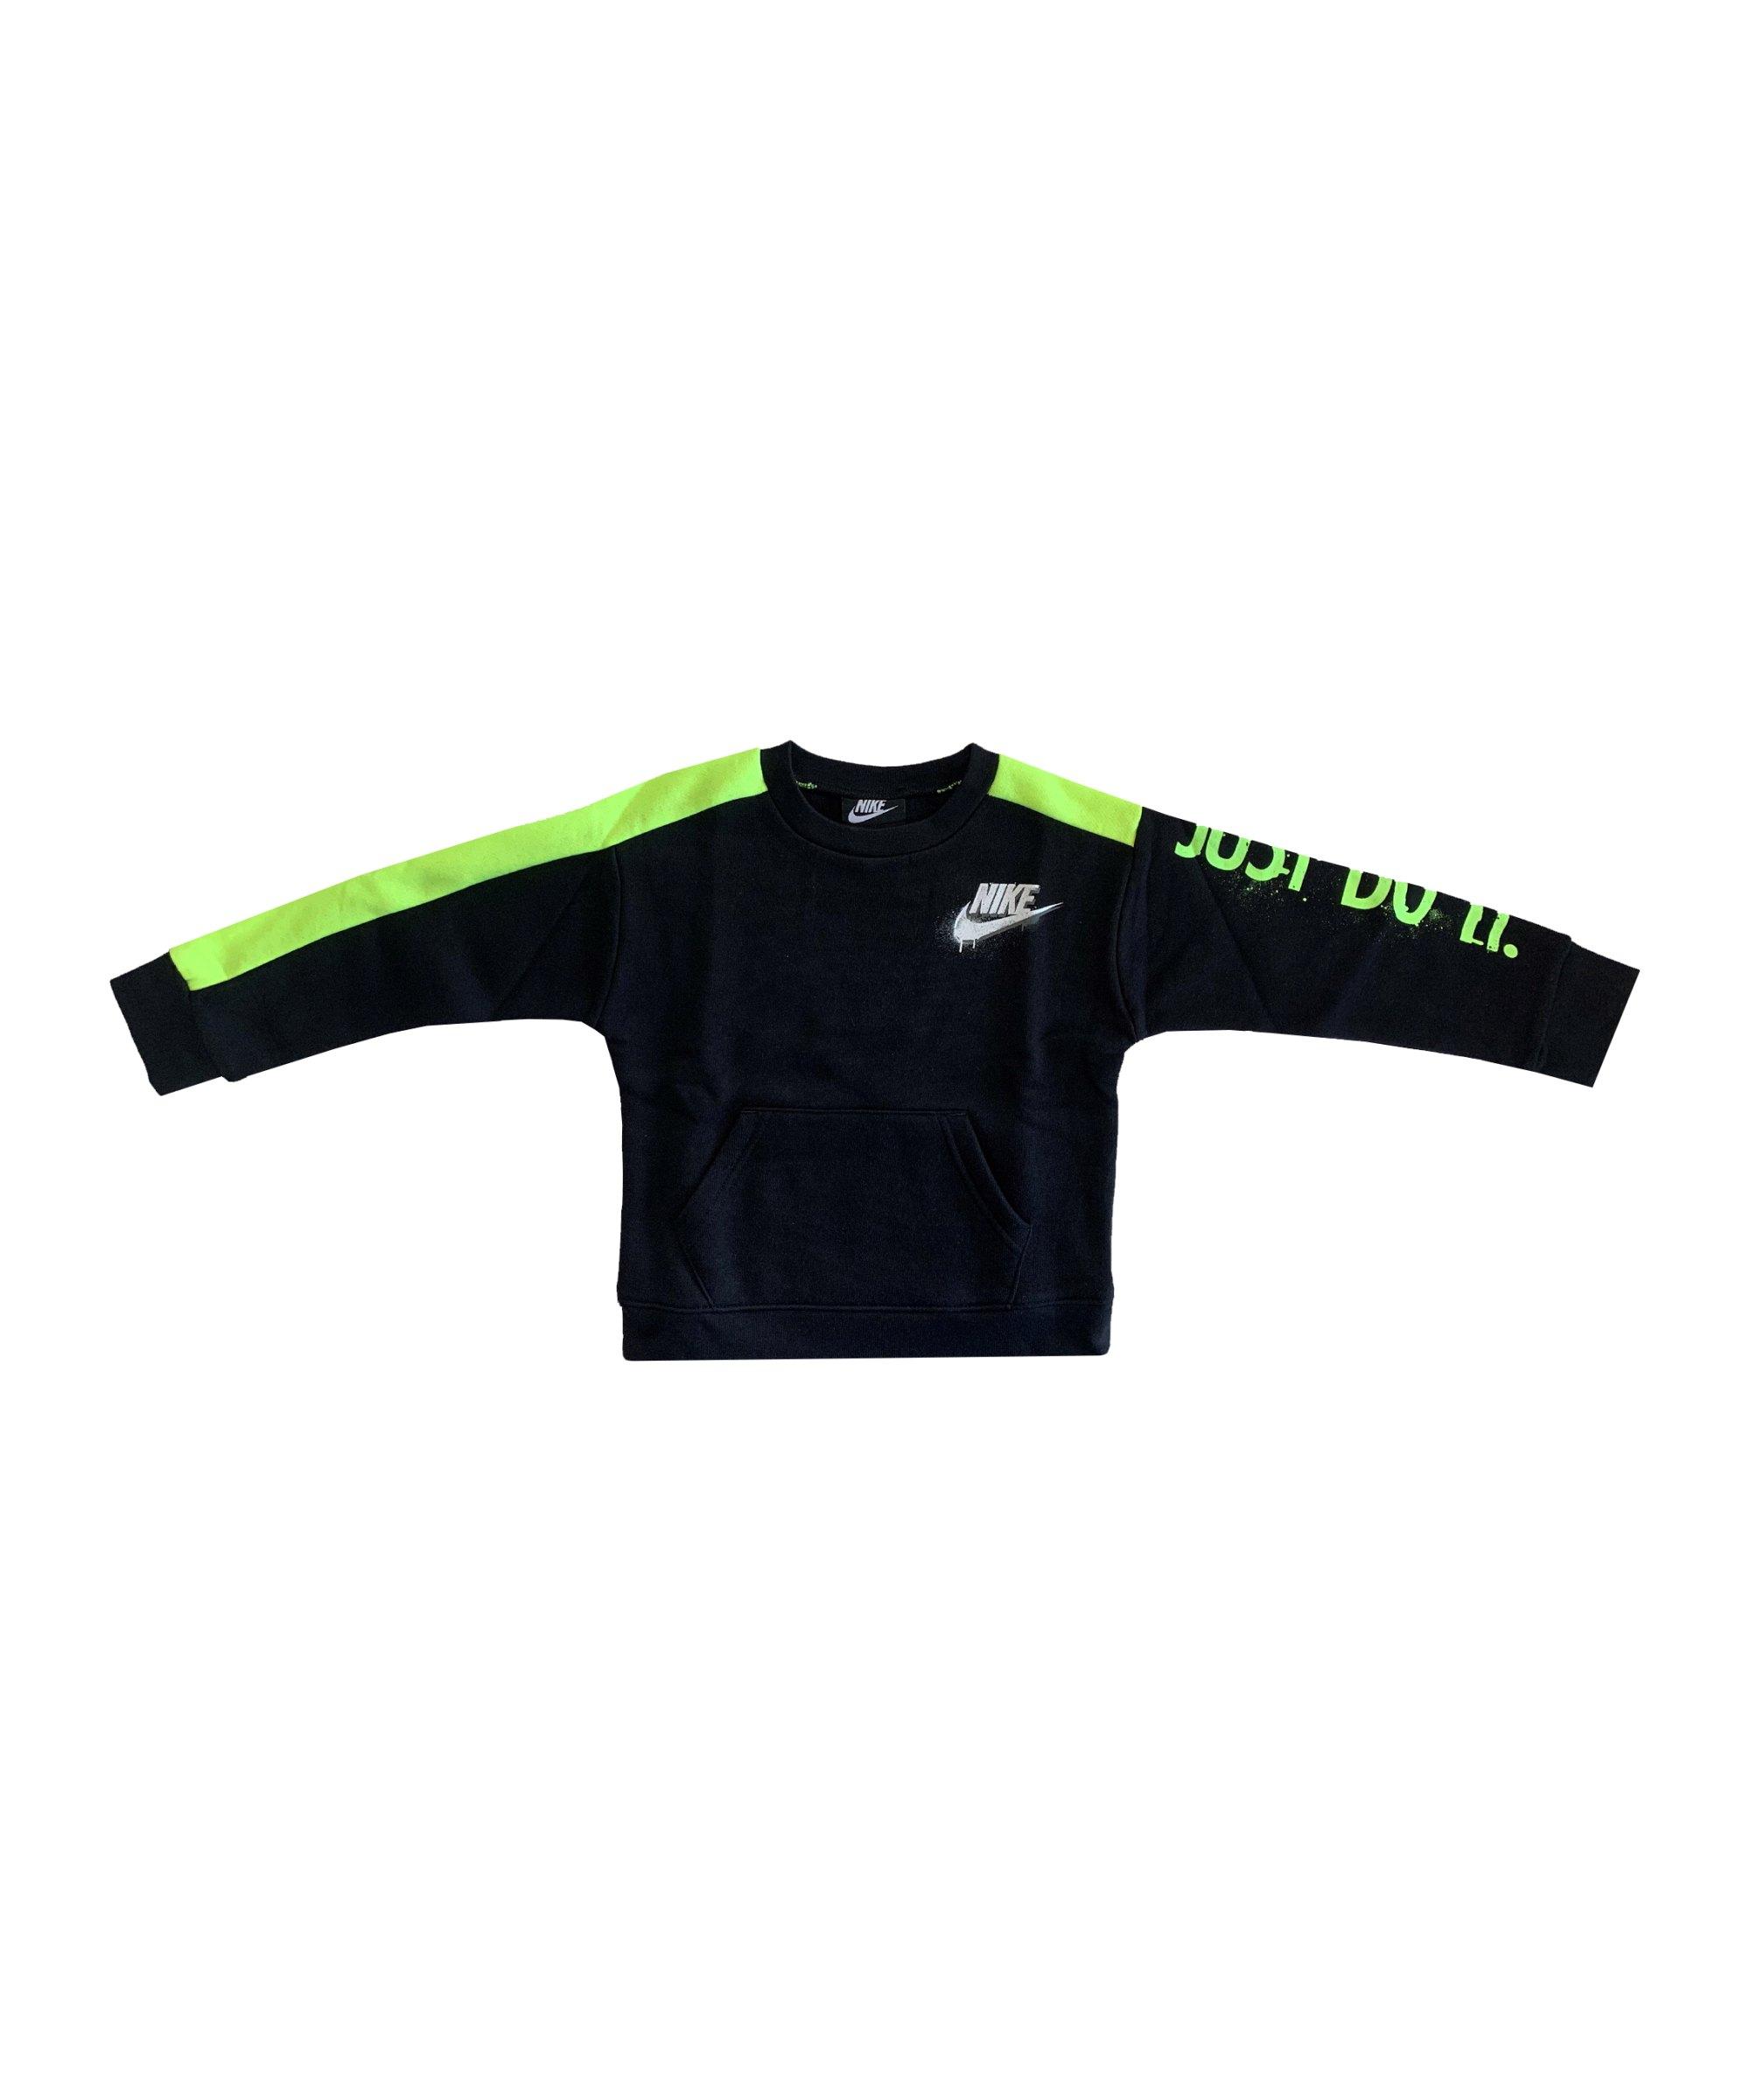 Nike Tag Crew Sweatshirt Kids Schwarz F023 - schwarz